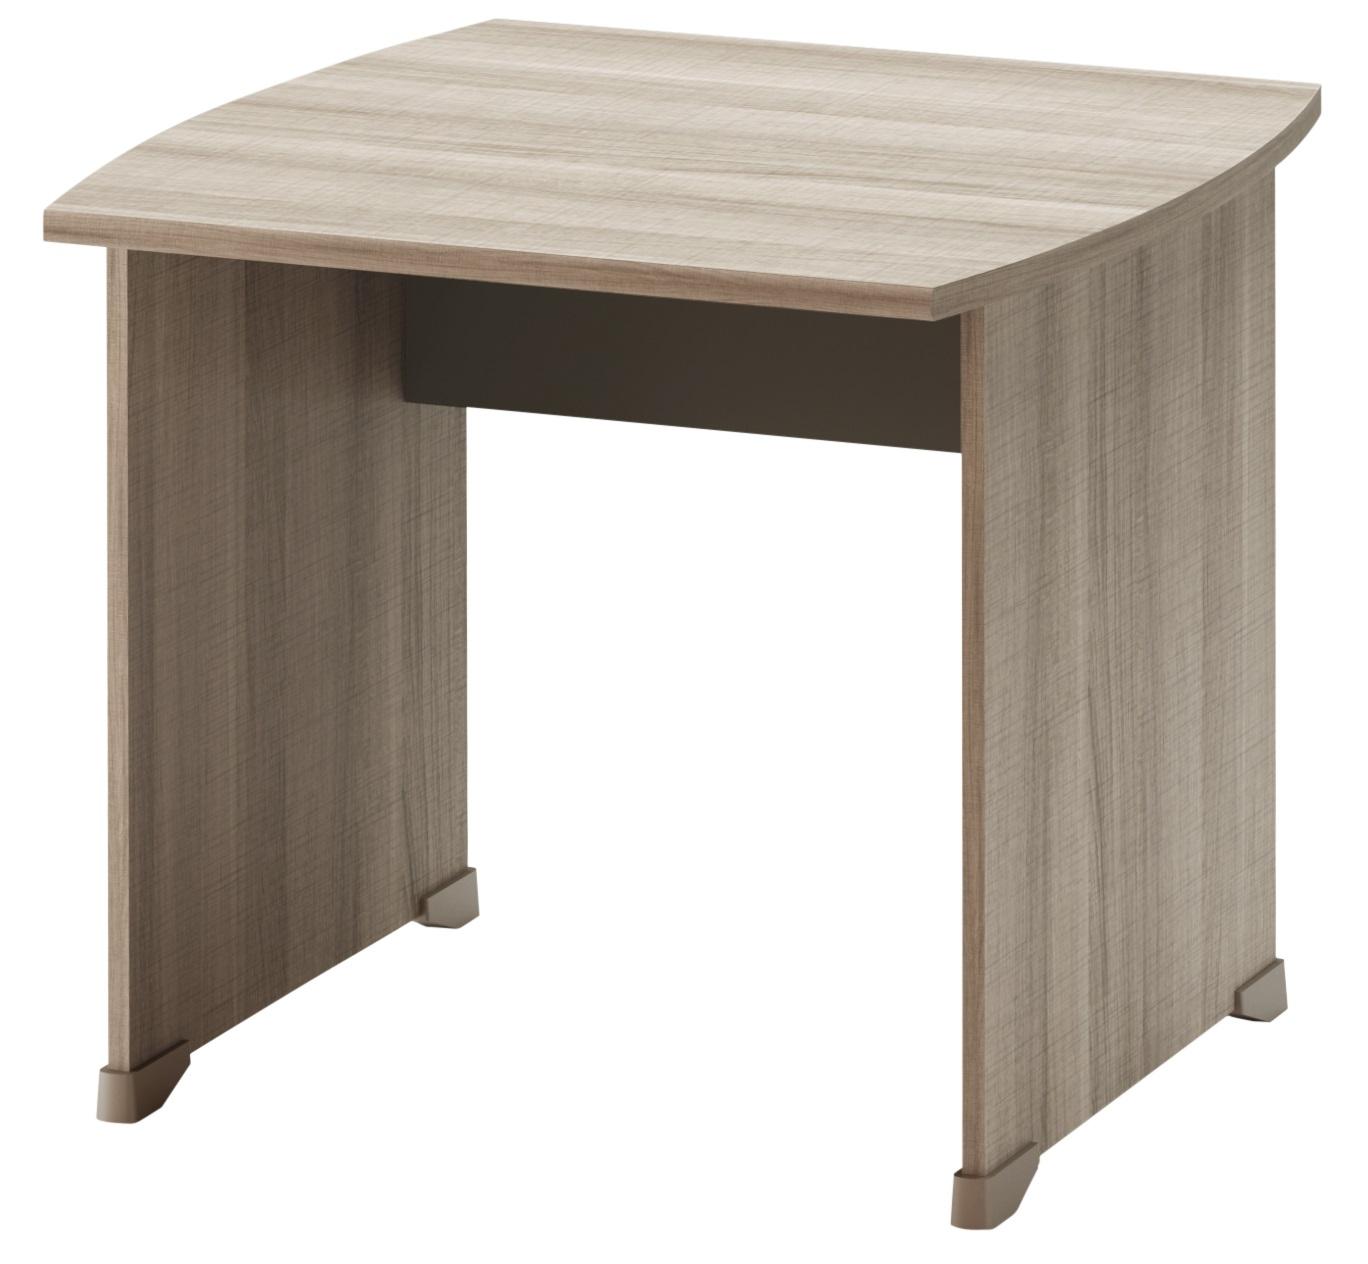 jazz ch ne gris pieds panneaux bureau 80cm mobilier par famille jazz ch ne gris. Black Bedroom Furniture Sets. Home Design Ideas